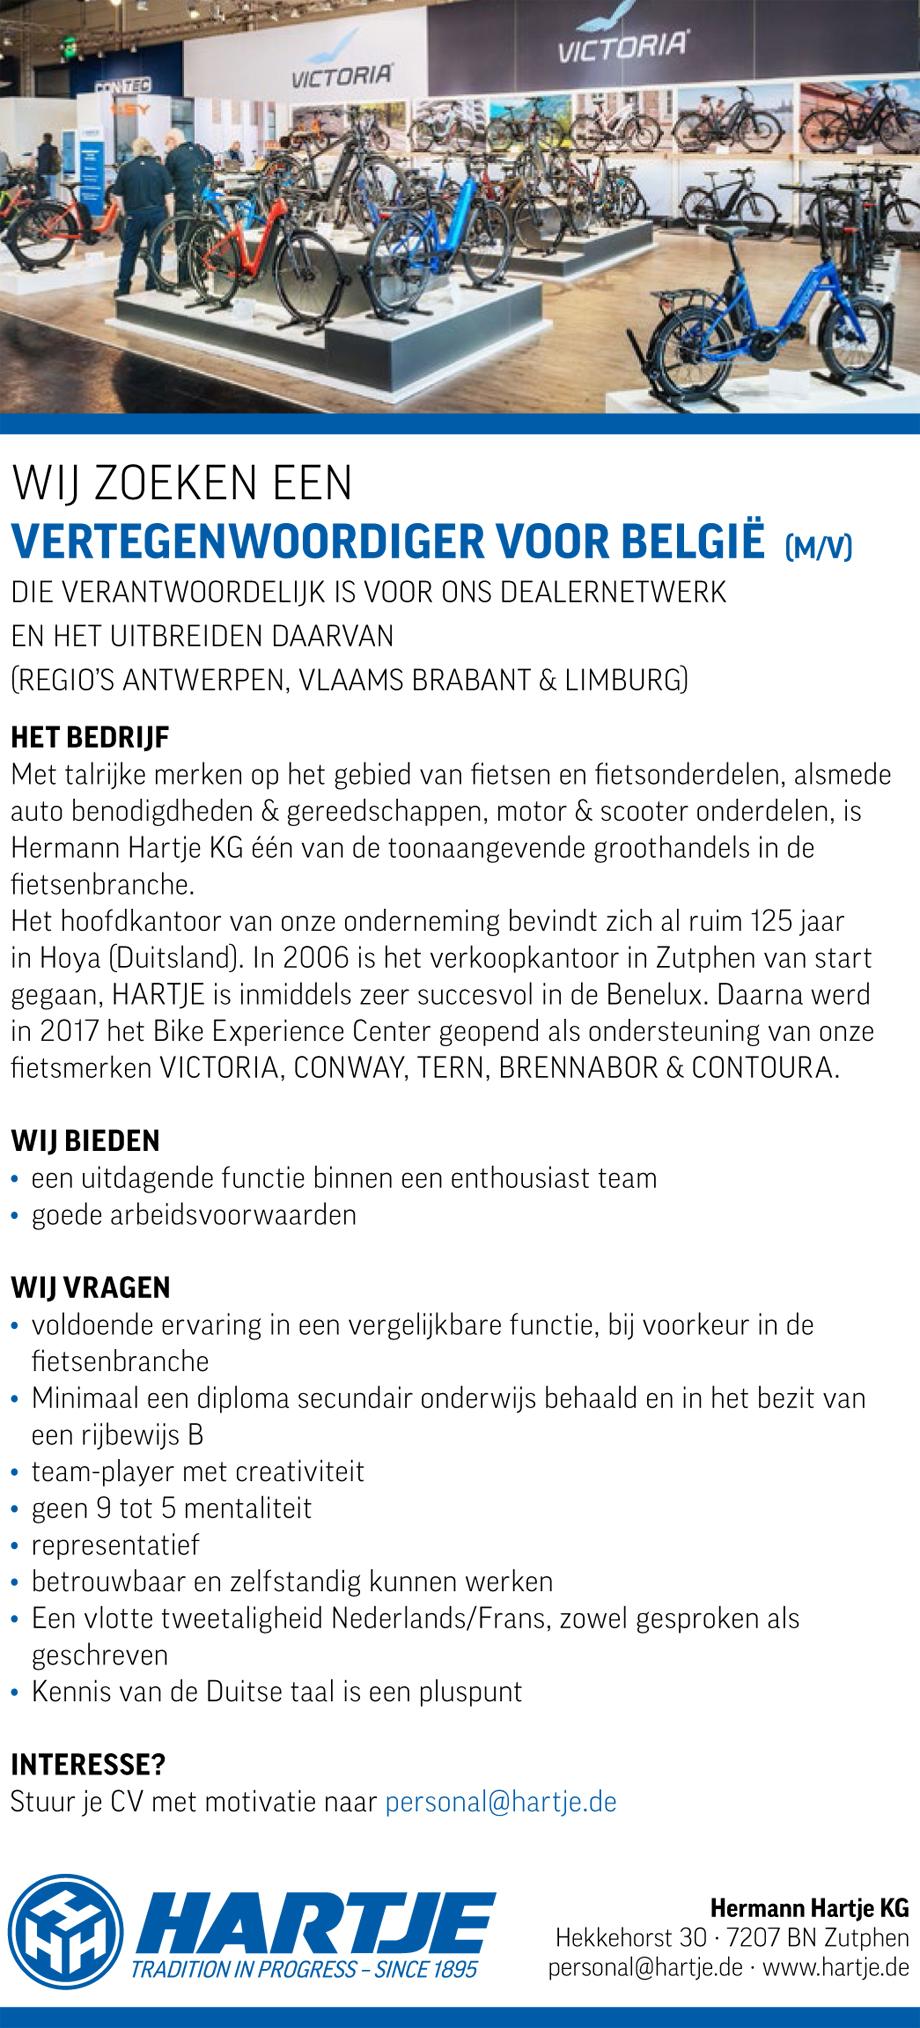 HA-NL_Stelle_Vertegenwoordiger_web